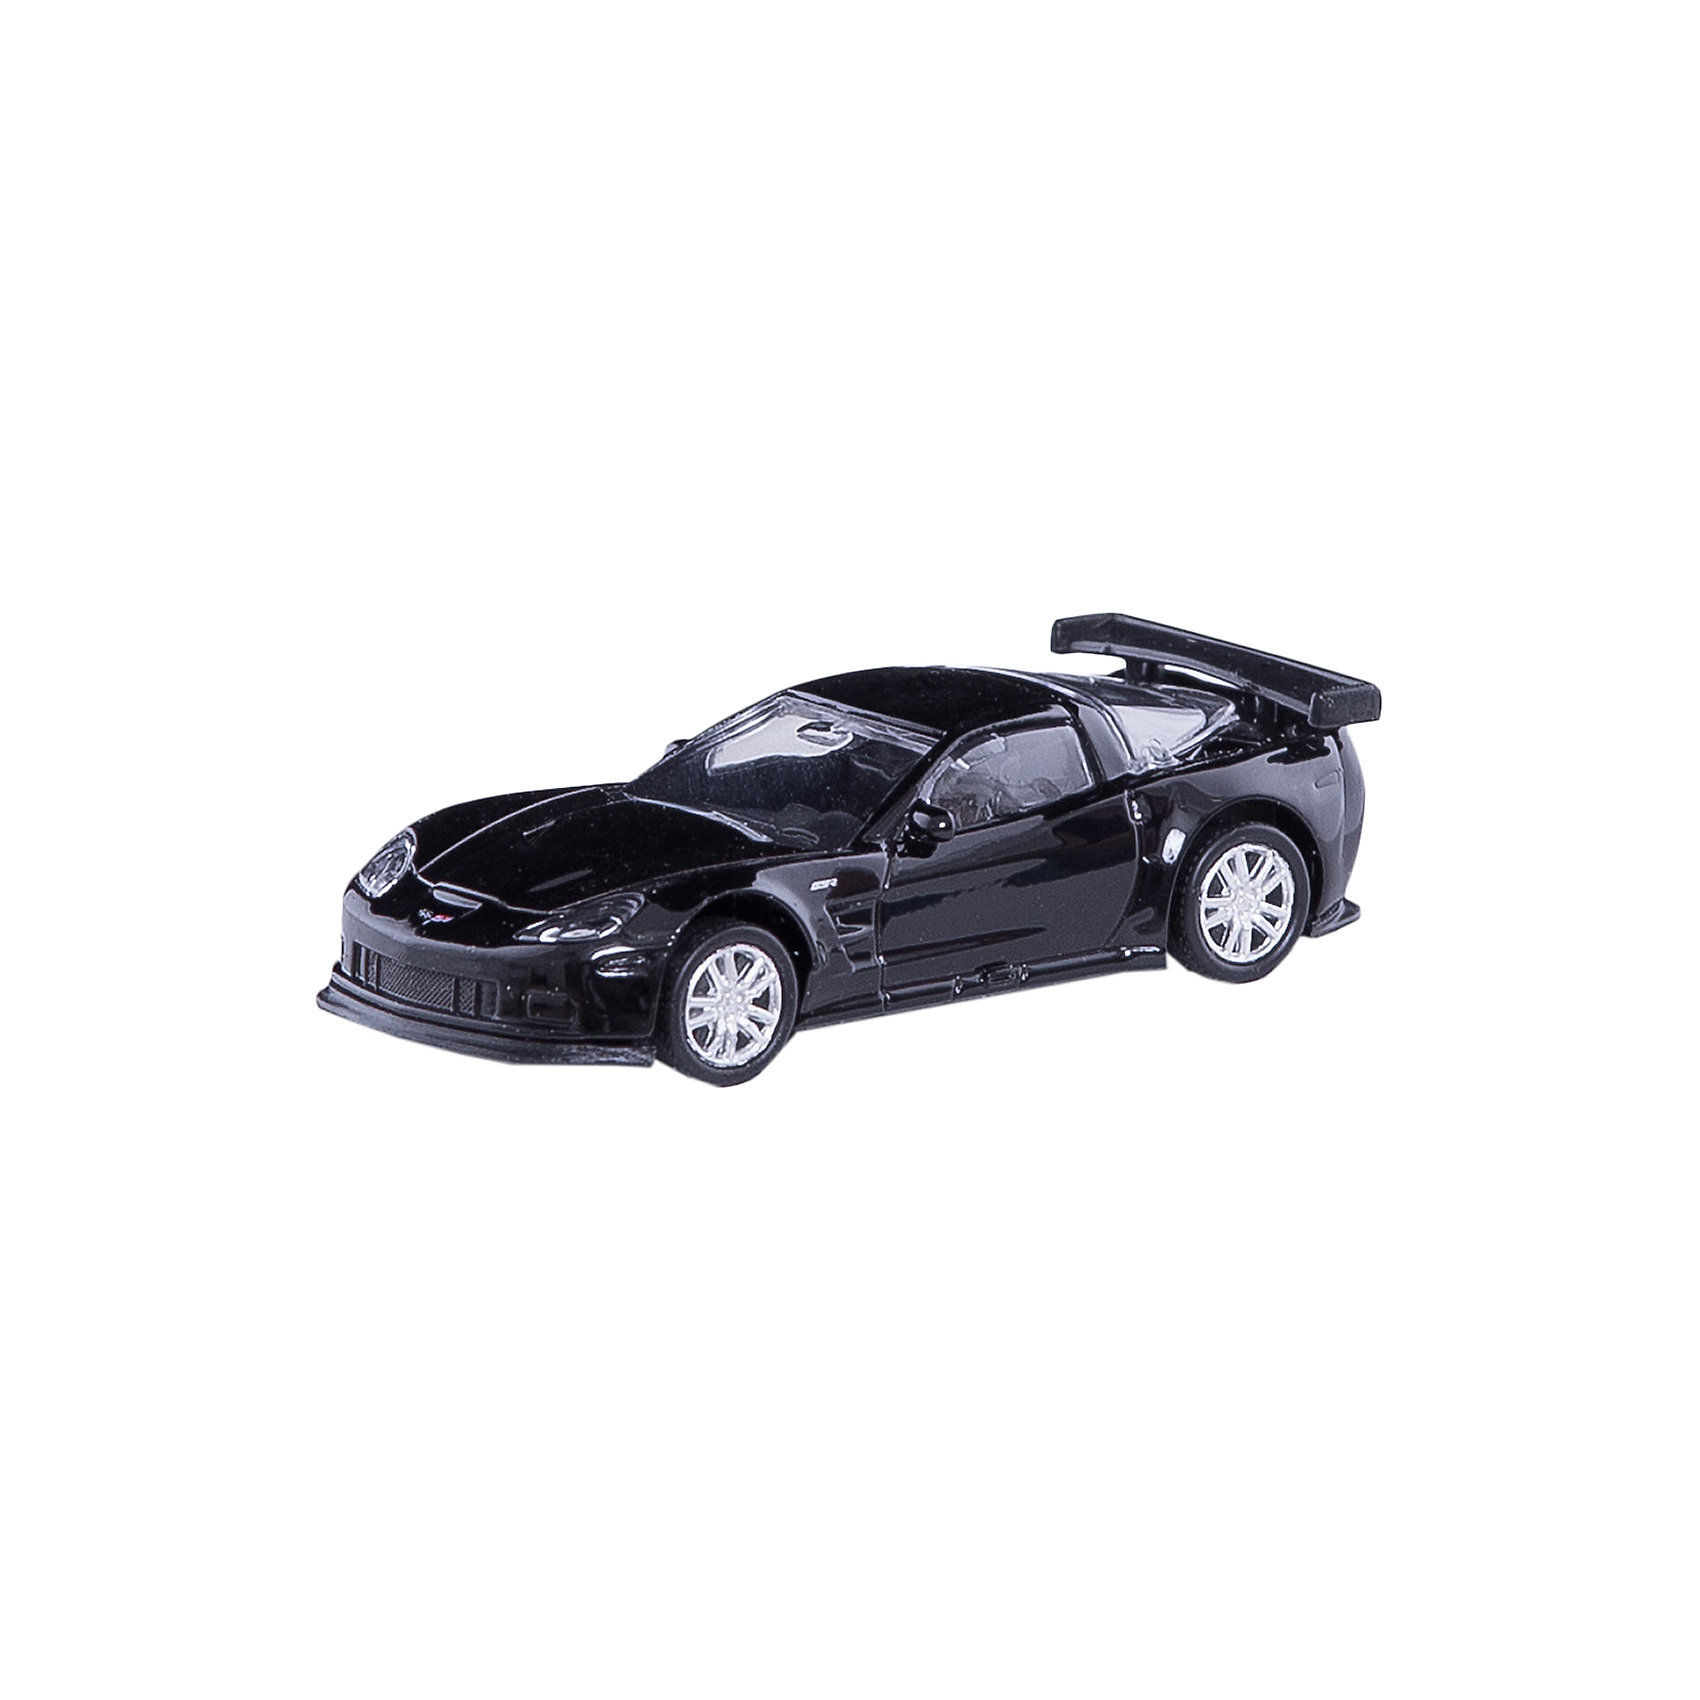 Машинка Chevrolet Corvette C6-R 3, AutotimeМашинки<br>Характеристики товара:<br><br>• цвет: черный<br>• возраст: от 3 лет<br>• материал: металл, пластик<br>• масштаб: 1:60<br>• колеса вращаются<br>• размер упаковки: 10х4х4 см<br>• вес с упаковкой: 100 г<br>• страна бренда: Россия, Китай<br>• страна изготовитель: Китай<br><br>Такая машинка представляет собой миниатюрную копию реально существующей модели. Она отличается высокой детализацией, является коллекционной моделью. <br><br>Машинка произведена из прочного и безопасного материала. Благодаря прозрачным стеклам виден подробно проработанный салон.<br><br>Машинку «Chevrolet Corvette C6-R 3», Autotime (Автотайм) можно купить в нашем интернет-магазине.<br><br>Ширина мм: 90<br>Глубина мм: 42<br>Высота мм: 40<br>Вес г: 13<br>Возраст от месяцев: 36<br>Возраст до месяцев: 2147483647<br>Пол: Мужской<br>Возраст: Детский<br>SKU: 5584084